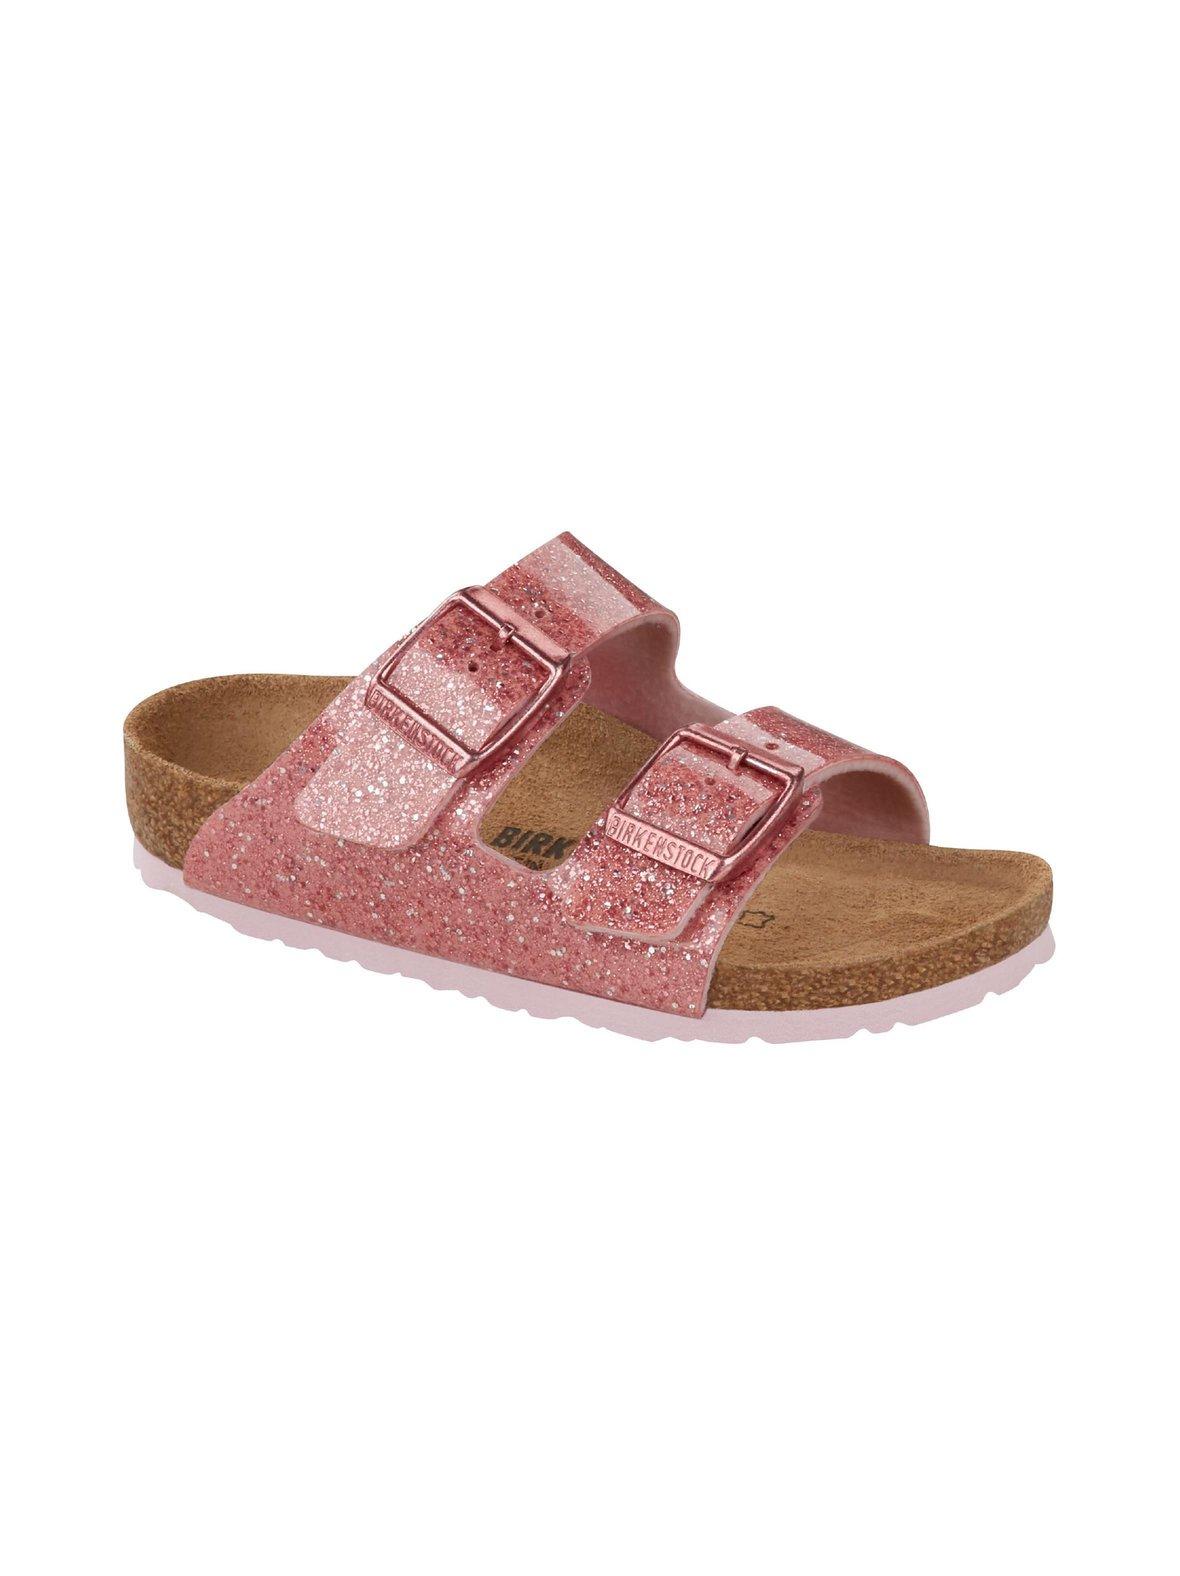 Lasten sandaalit netistä | Stockmann